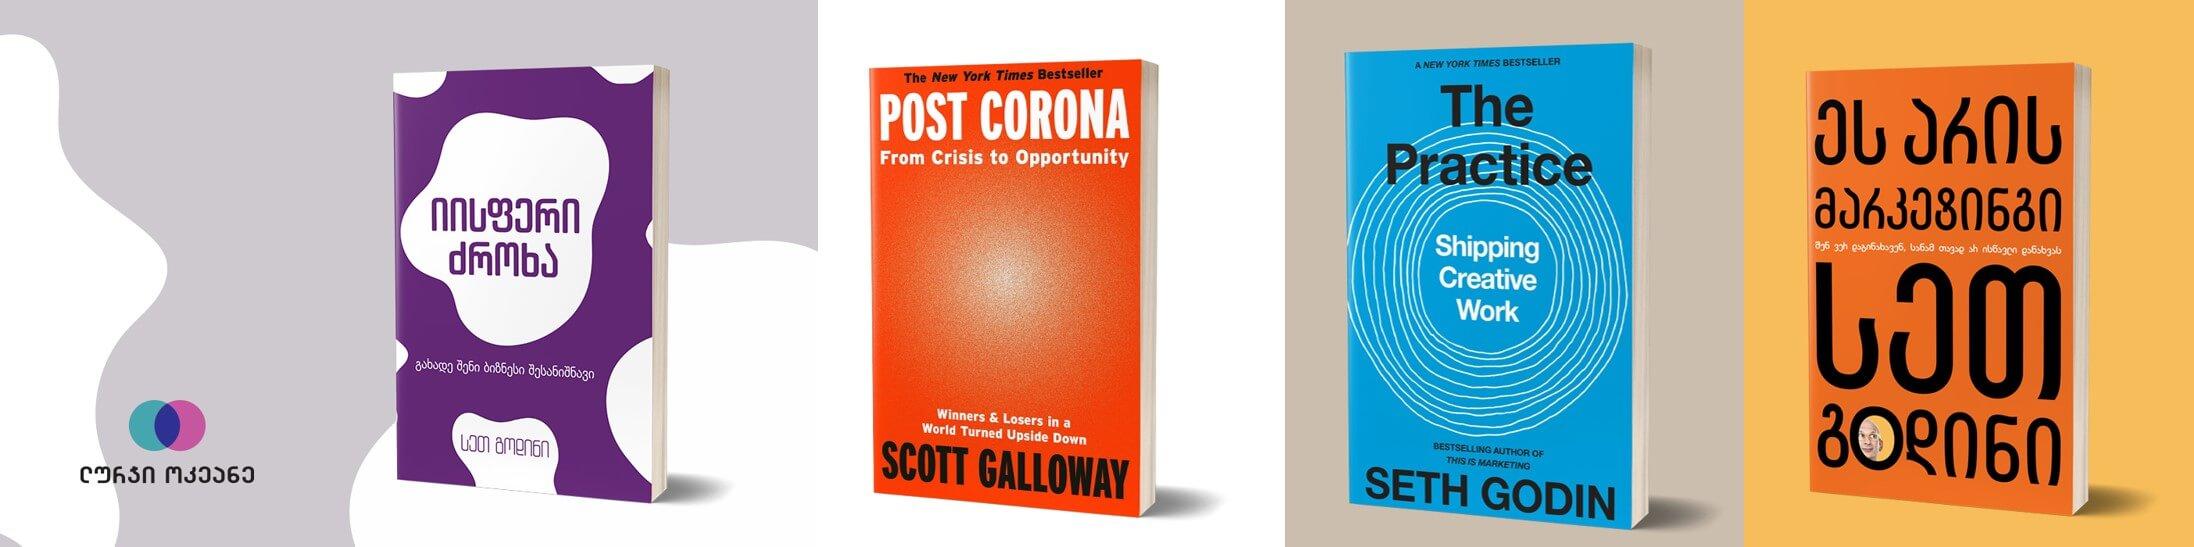 """ელენე ჯღარკავა """"კავკასიის ბიზნესის სკოლის"""" დეკანის რეკომენდაცია ბიზნეს წიგნები"""